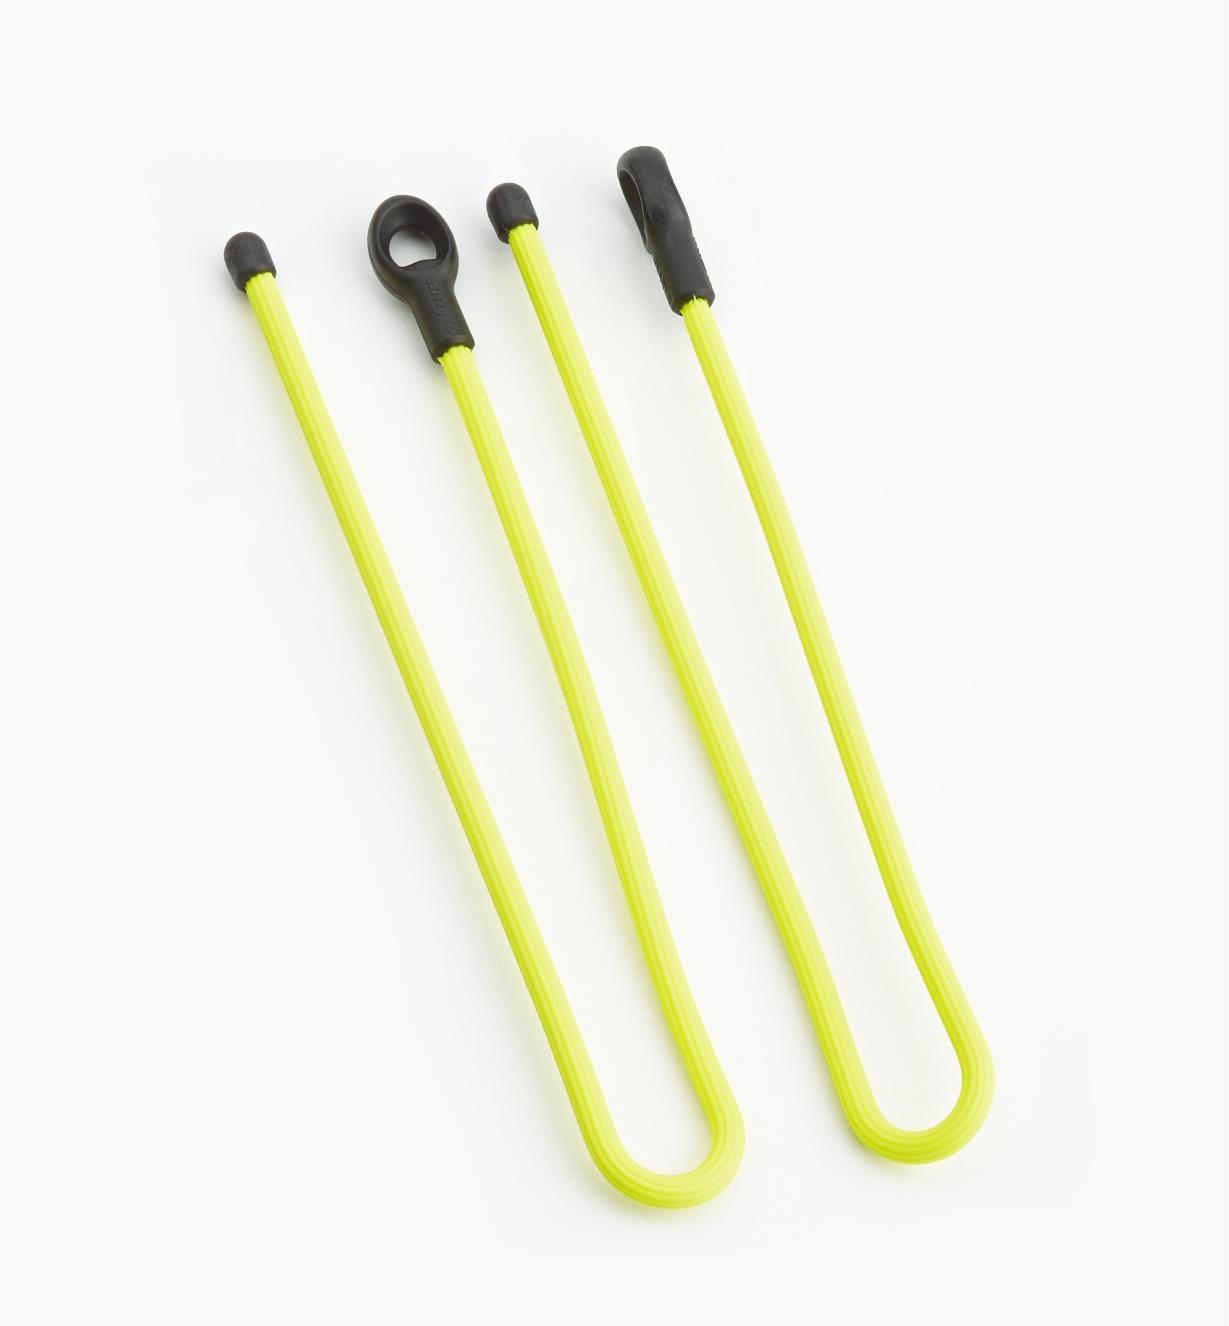 68K0803 - Attaches flexibles de 12po GearTie, jaune, lapaire